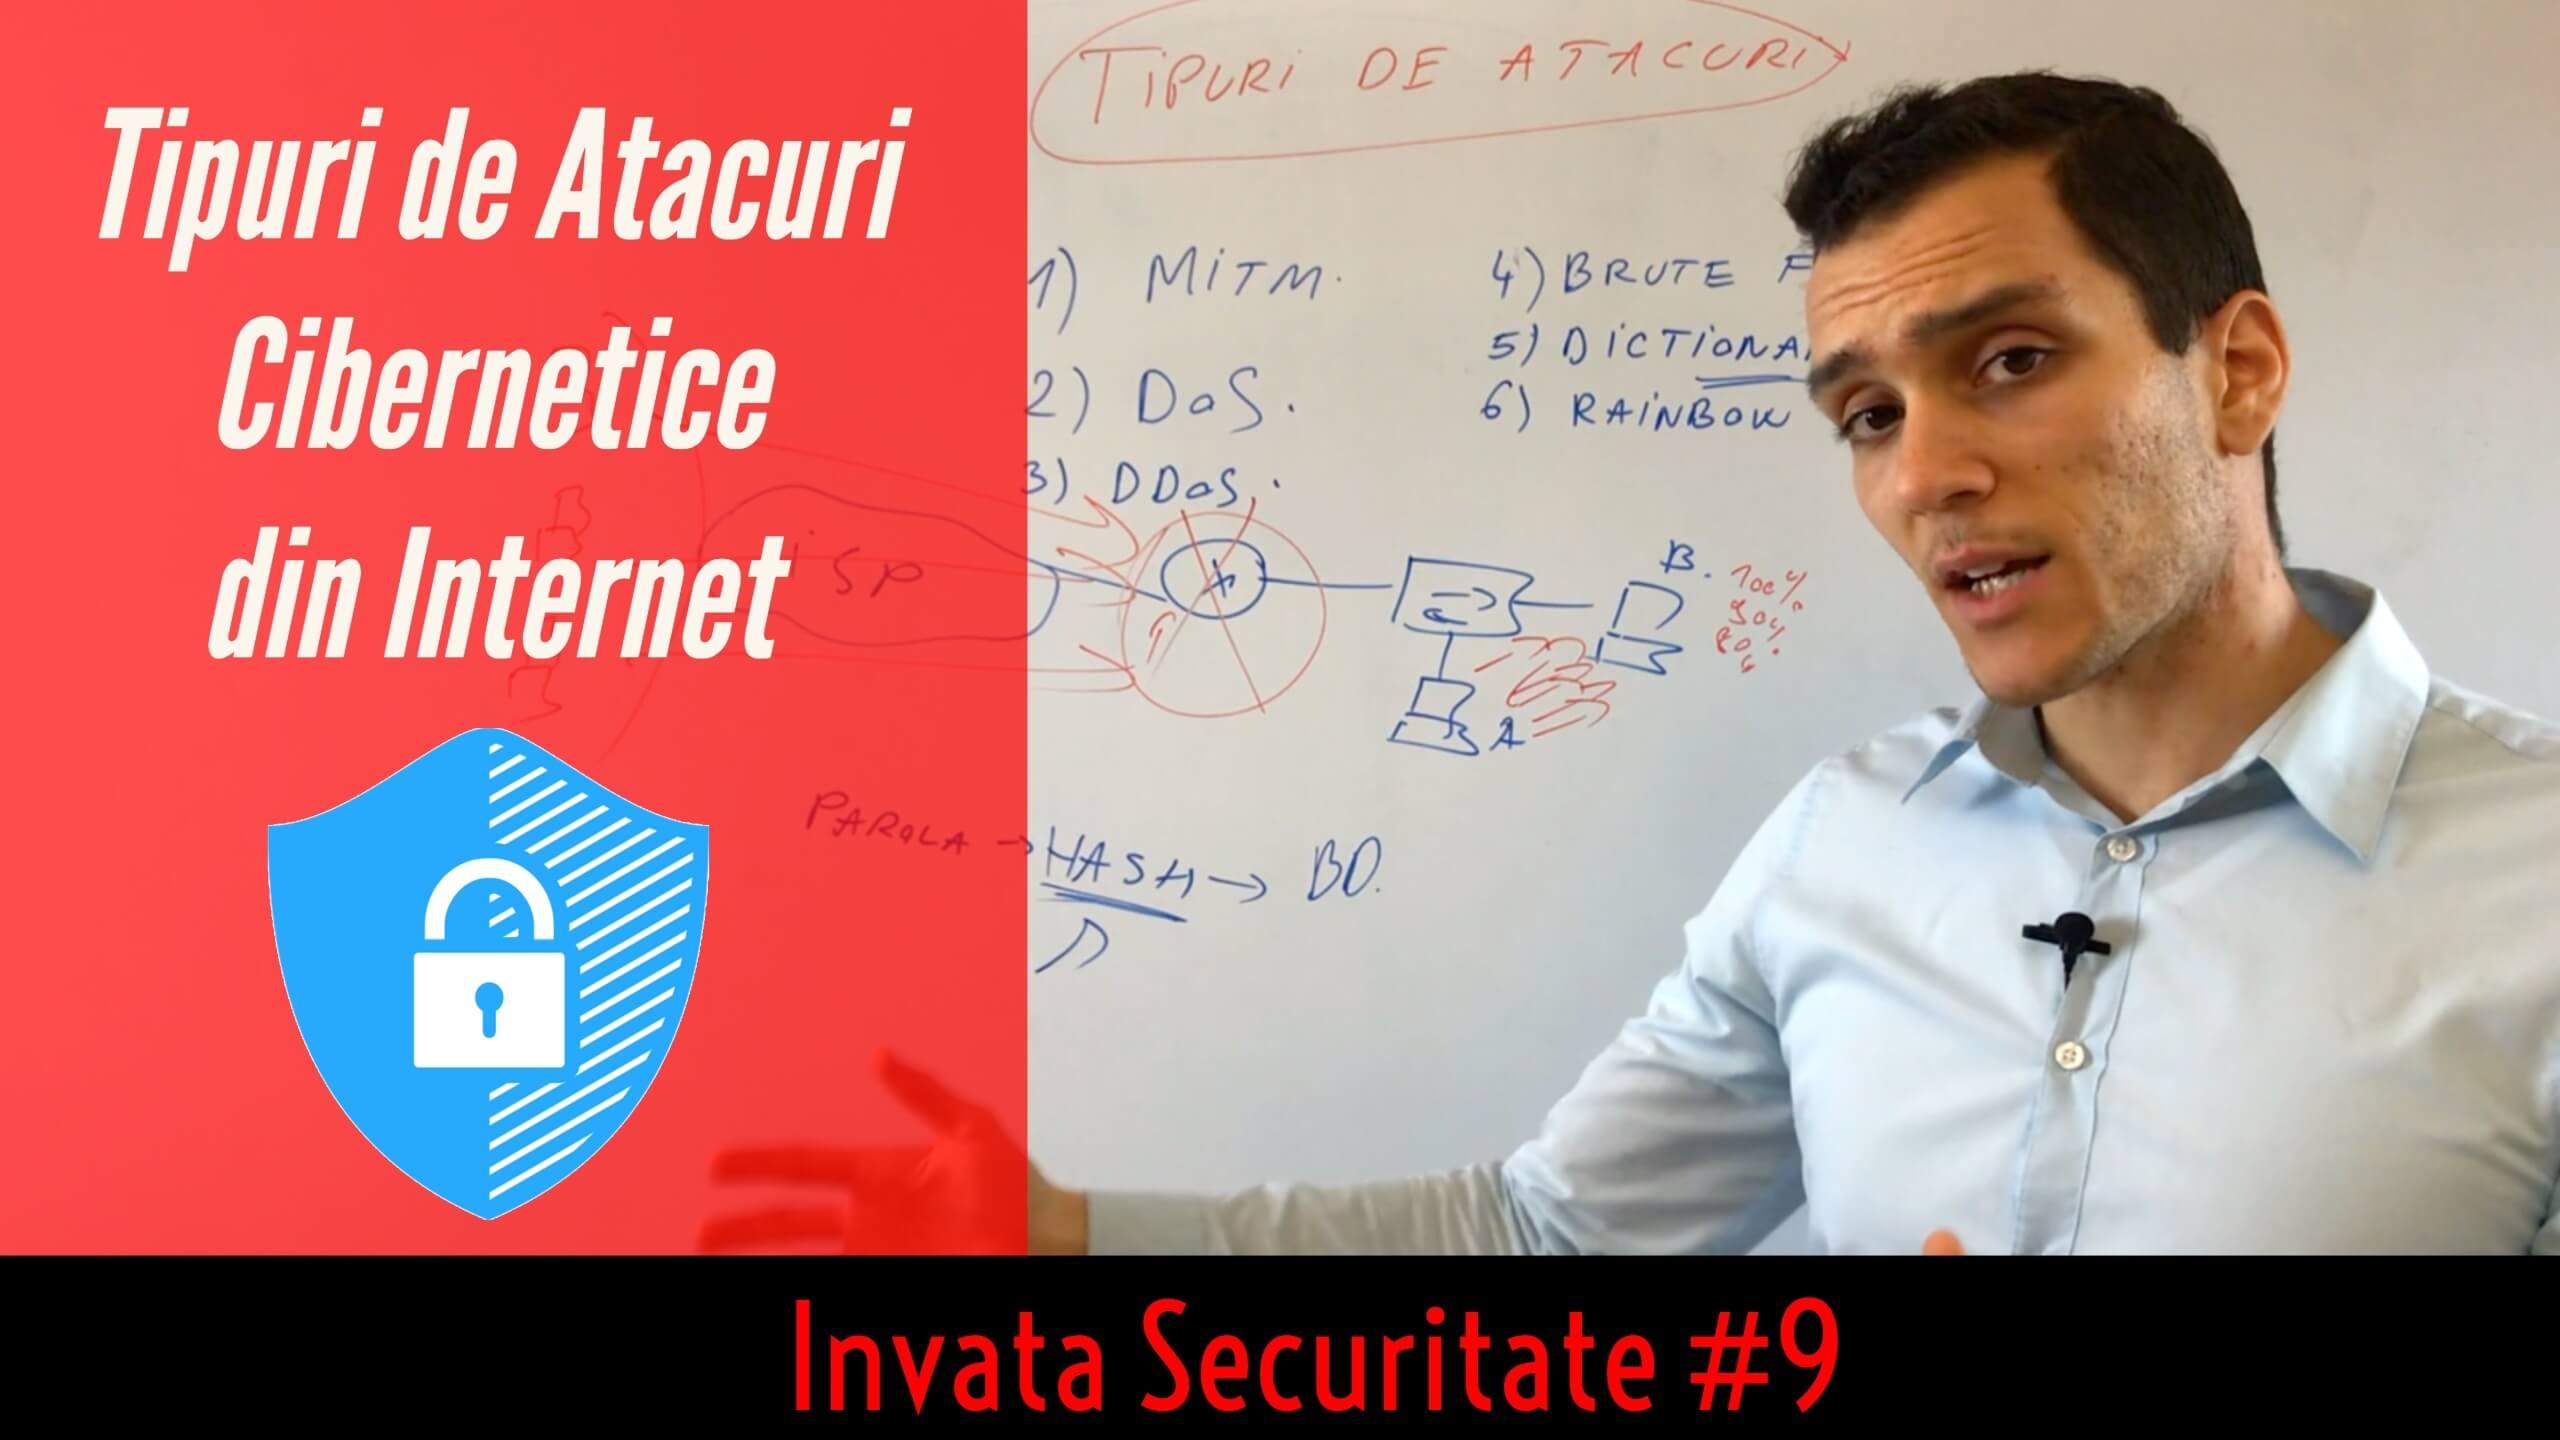 😈 5 + 1 Exemple de Atacuri Cibernetice (metode de Hacking) din Internet ⚔| Invata Securitate #9